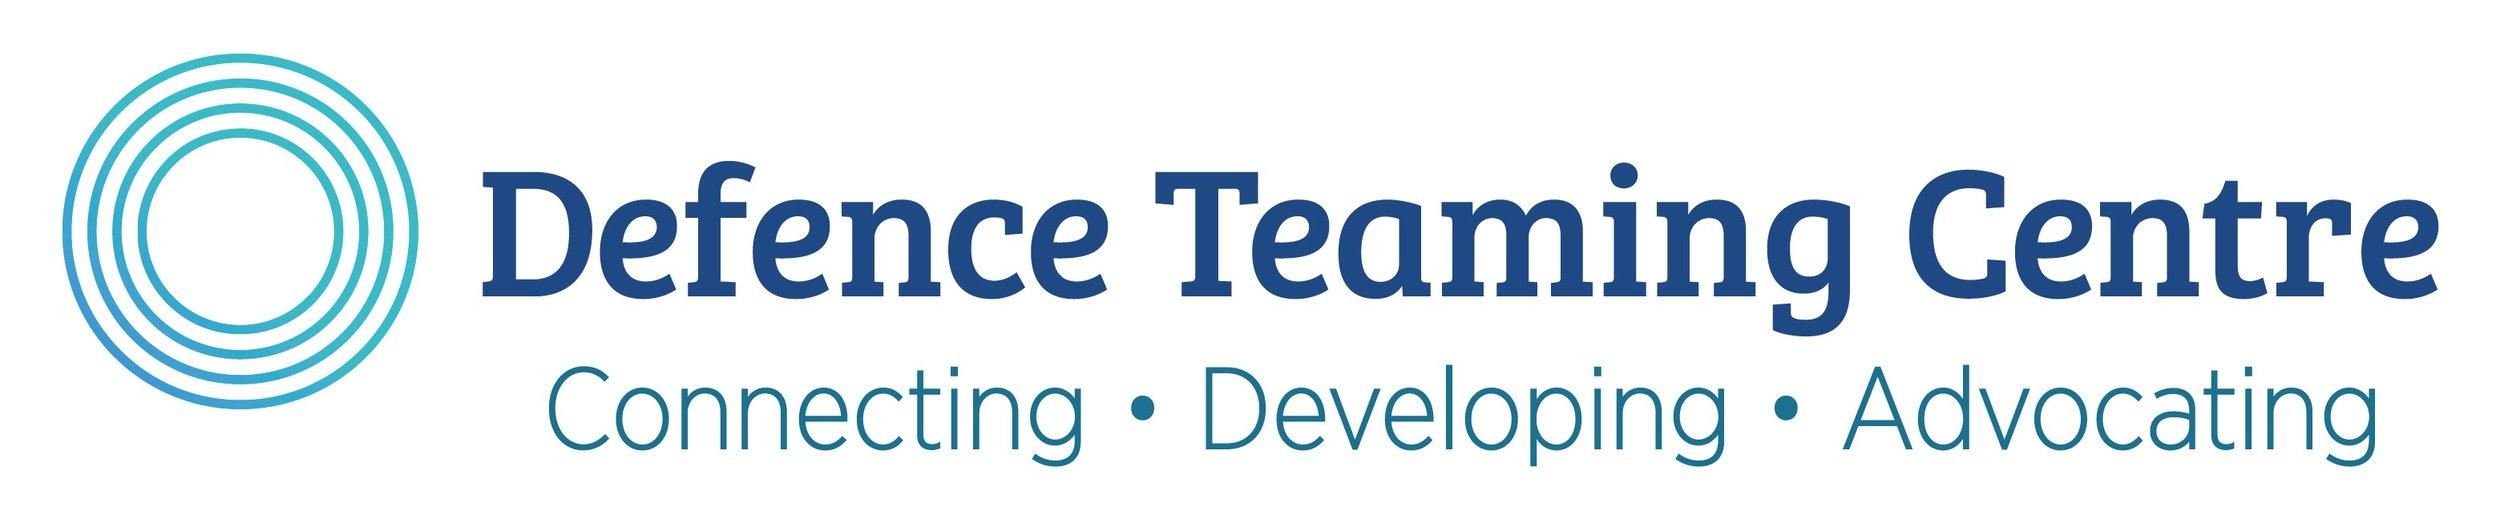 DTC logo New tagline.jpg